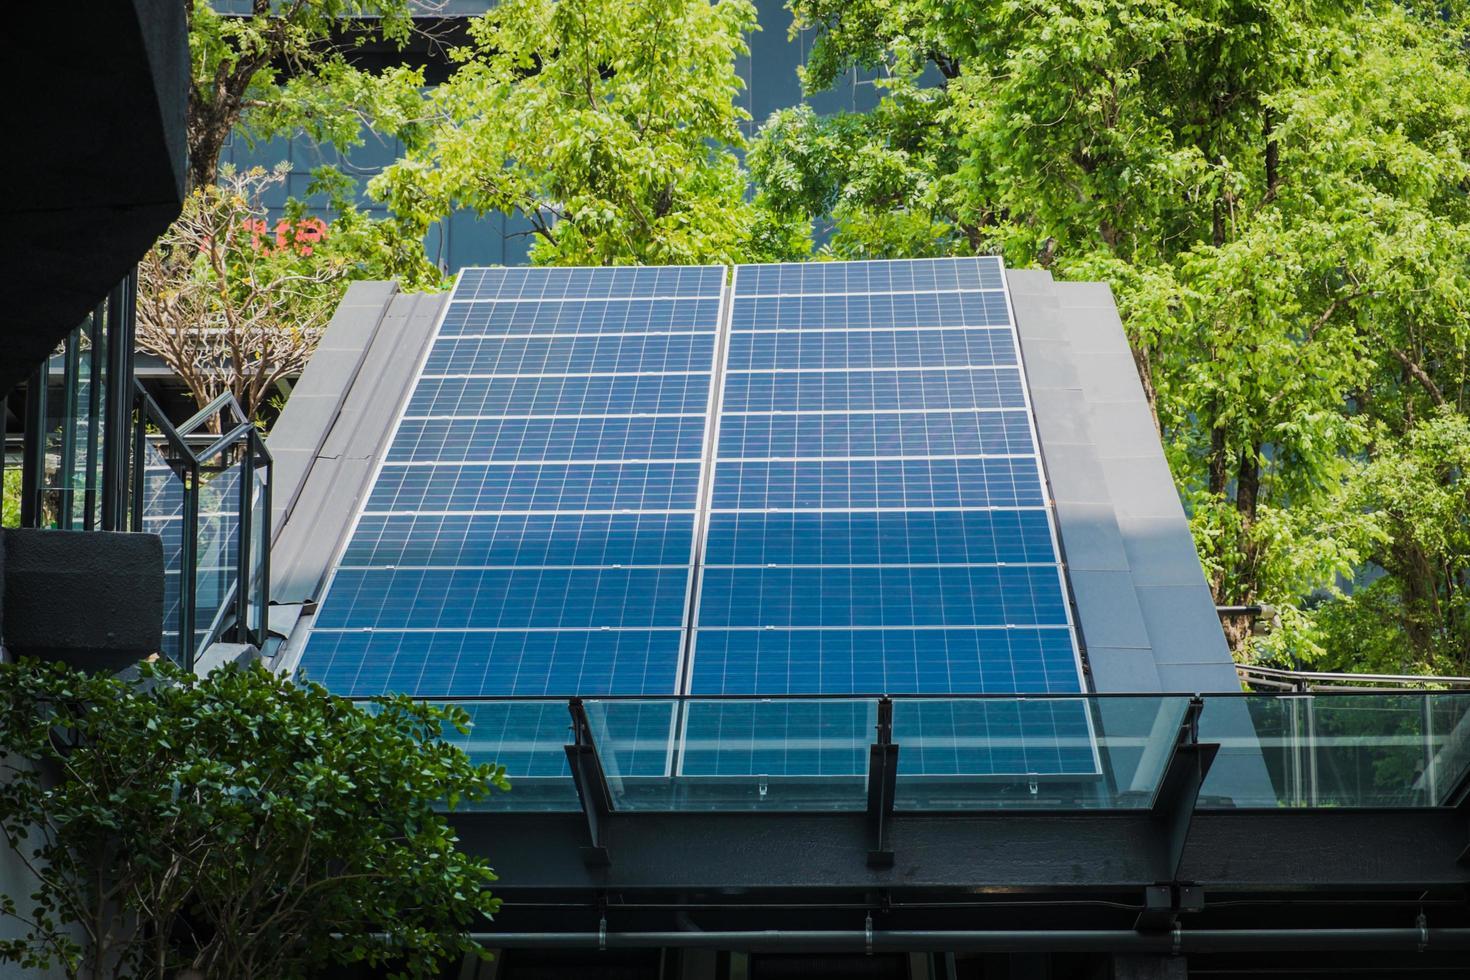 Solarmodule auf modernem Dach installiert foto